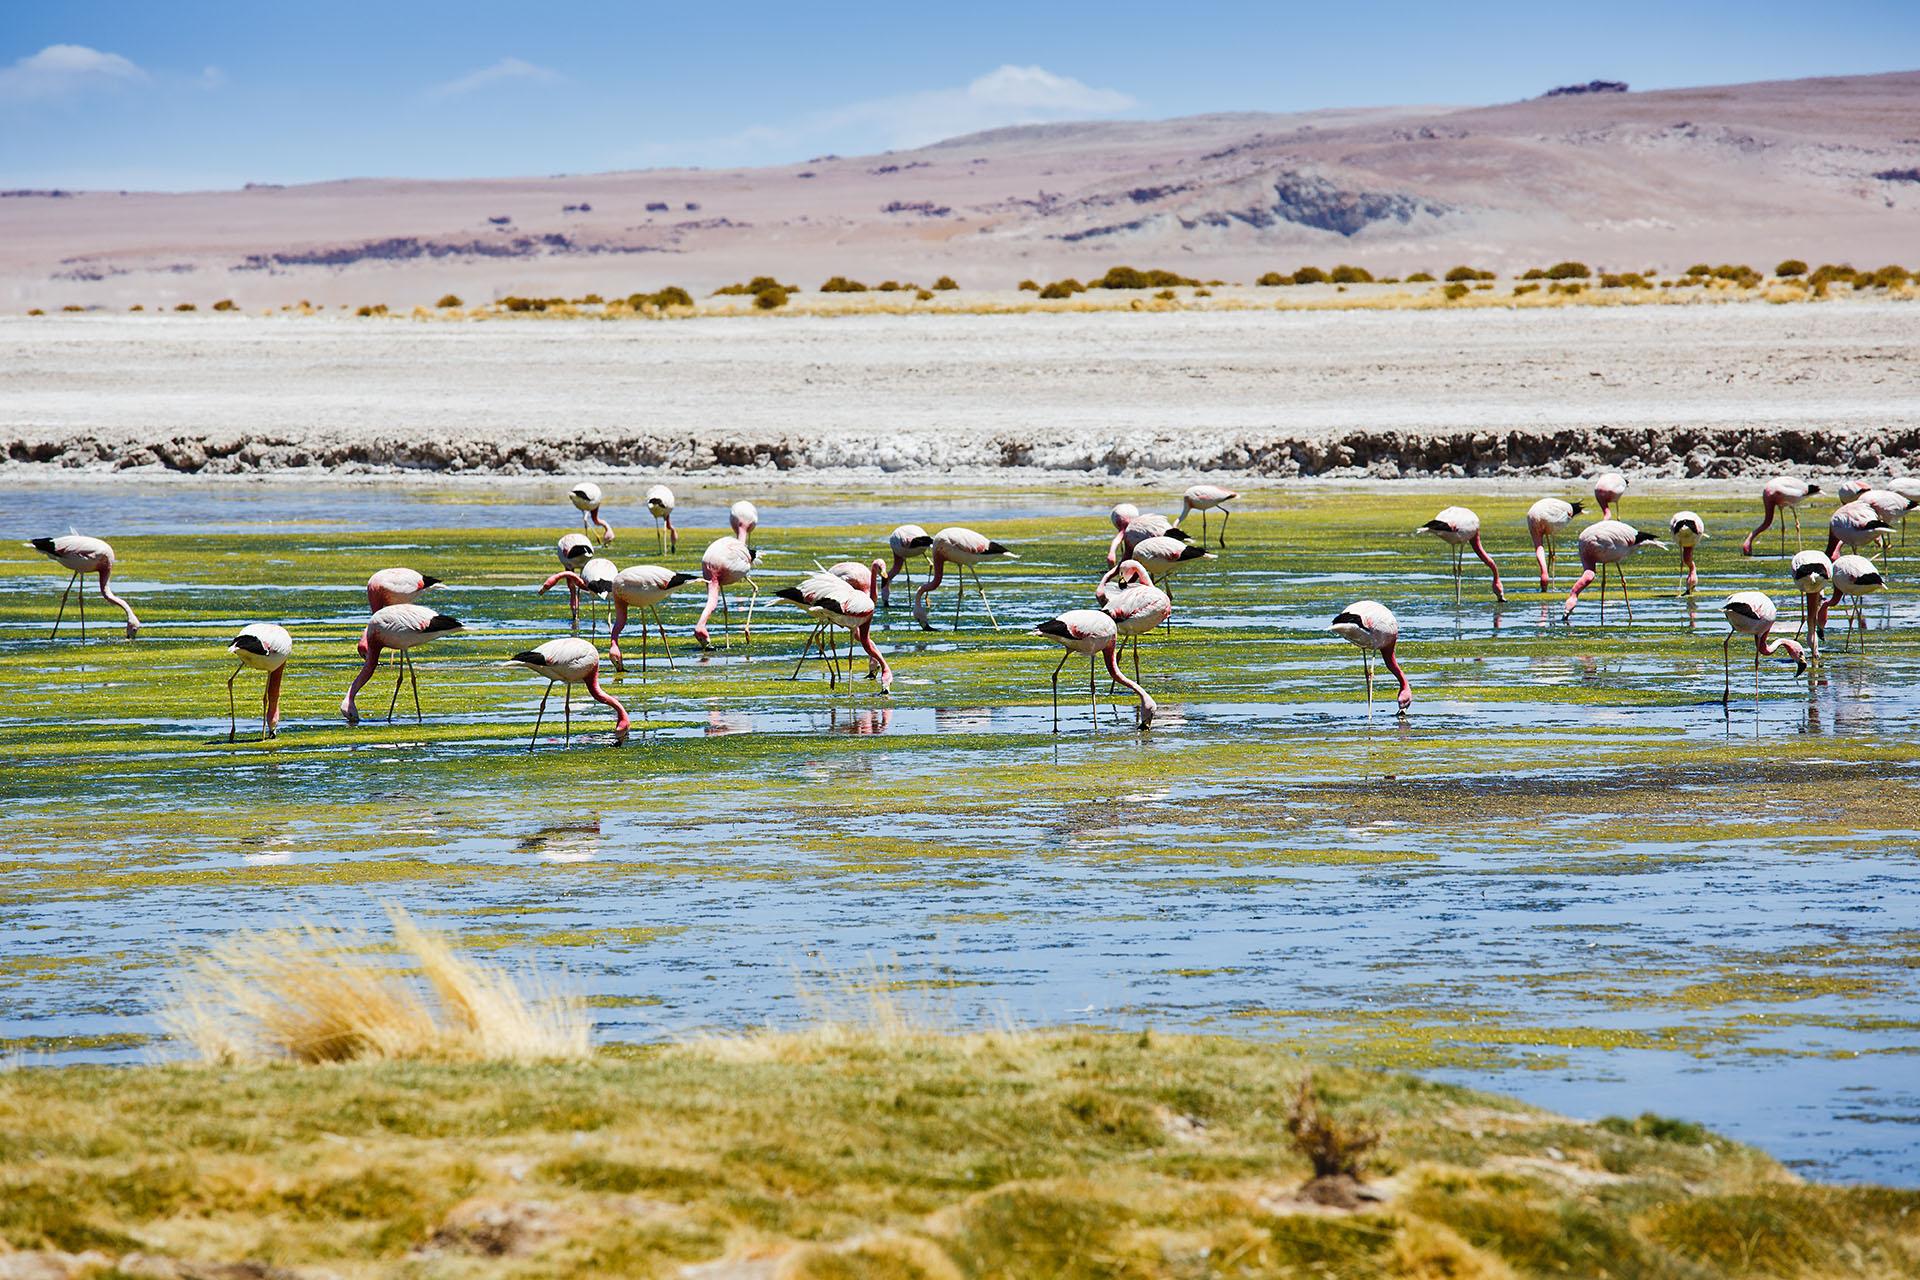 Atacama, Chile- und Argentinienreise, Mietwagenrundreise Argentinien & Chile, Rundreise ARGENTINIEN CHILE , individuelle Rundreise ARGENTINIEN CHILE , Mietwagenrundreise ARGENTINIEN CHILE , Reise ARGENTINIEN CHILE , erlebe ARGENTINIEN CHILE , Selbstfahrer ARGENTINIEN CHILE , Kleingruppenreise ARGENTINIEN CHILE , ARGENTINIEN CHILE auf eigene Faust, Gruppenreise ARGENTINIEN CHILE , Urlaub in ARGENTINIEN CHILE , Ferien in